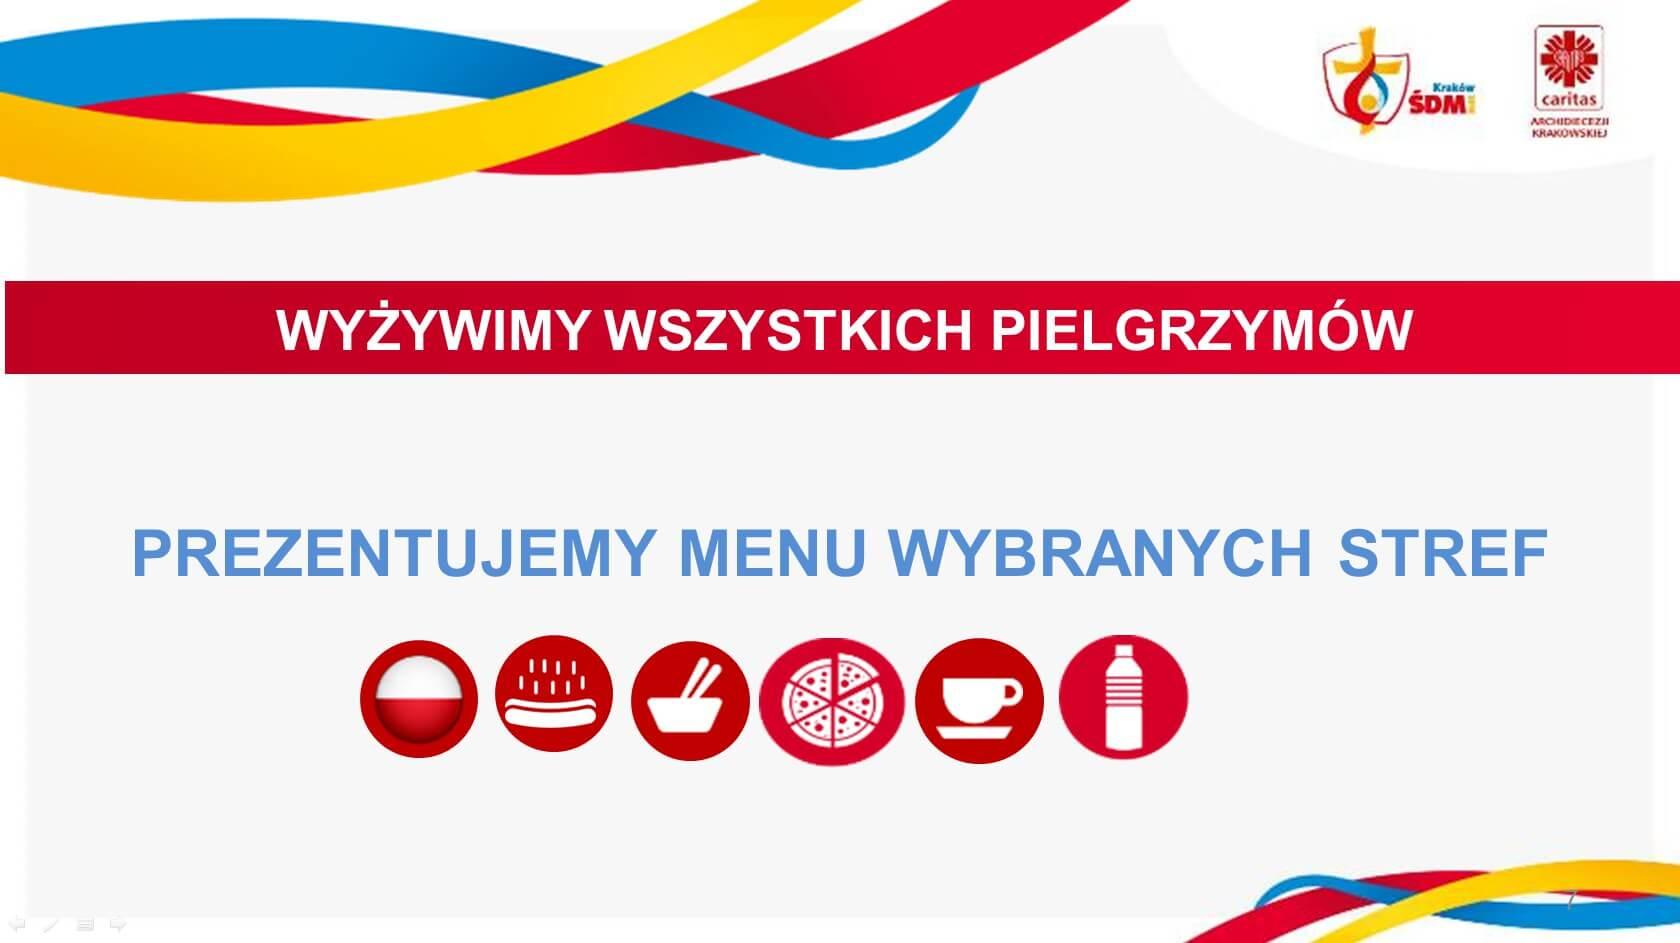 Strefy gastronomiczne ŚDM 2016 (7)